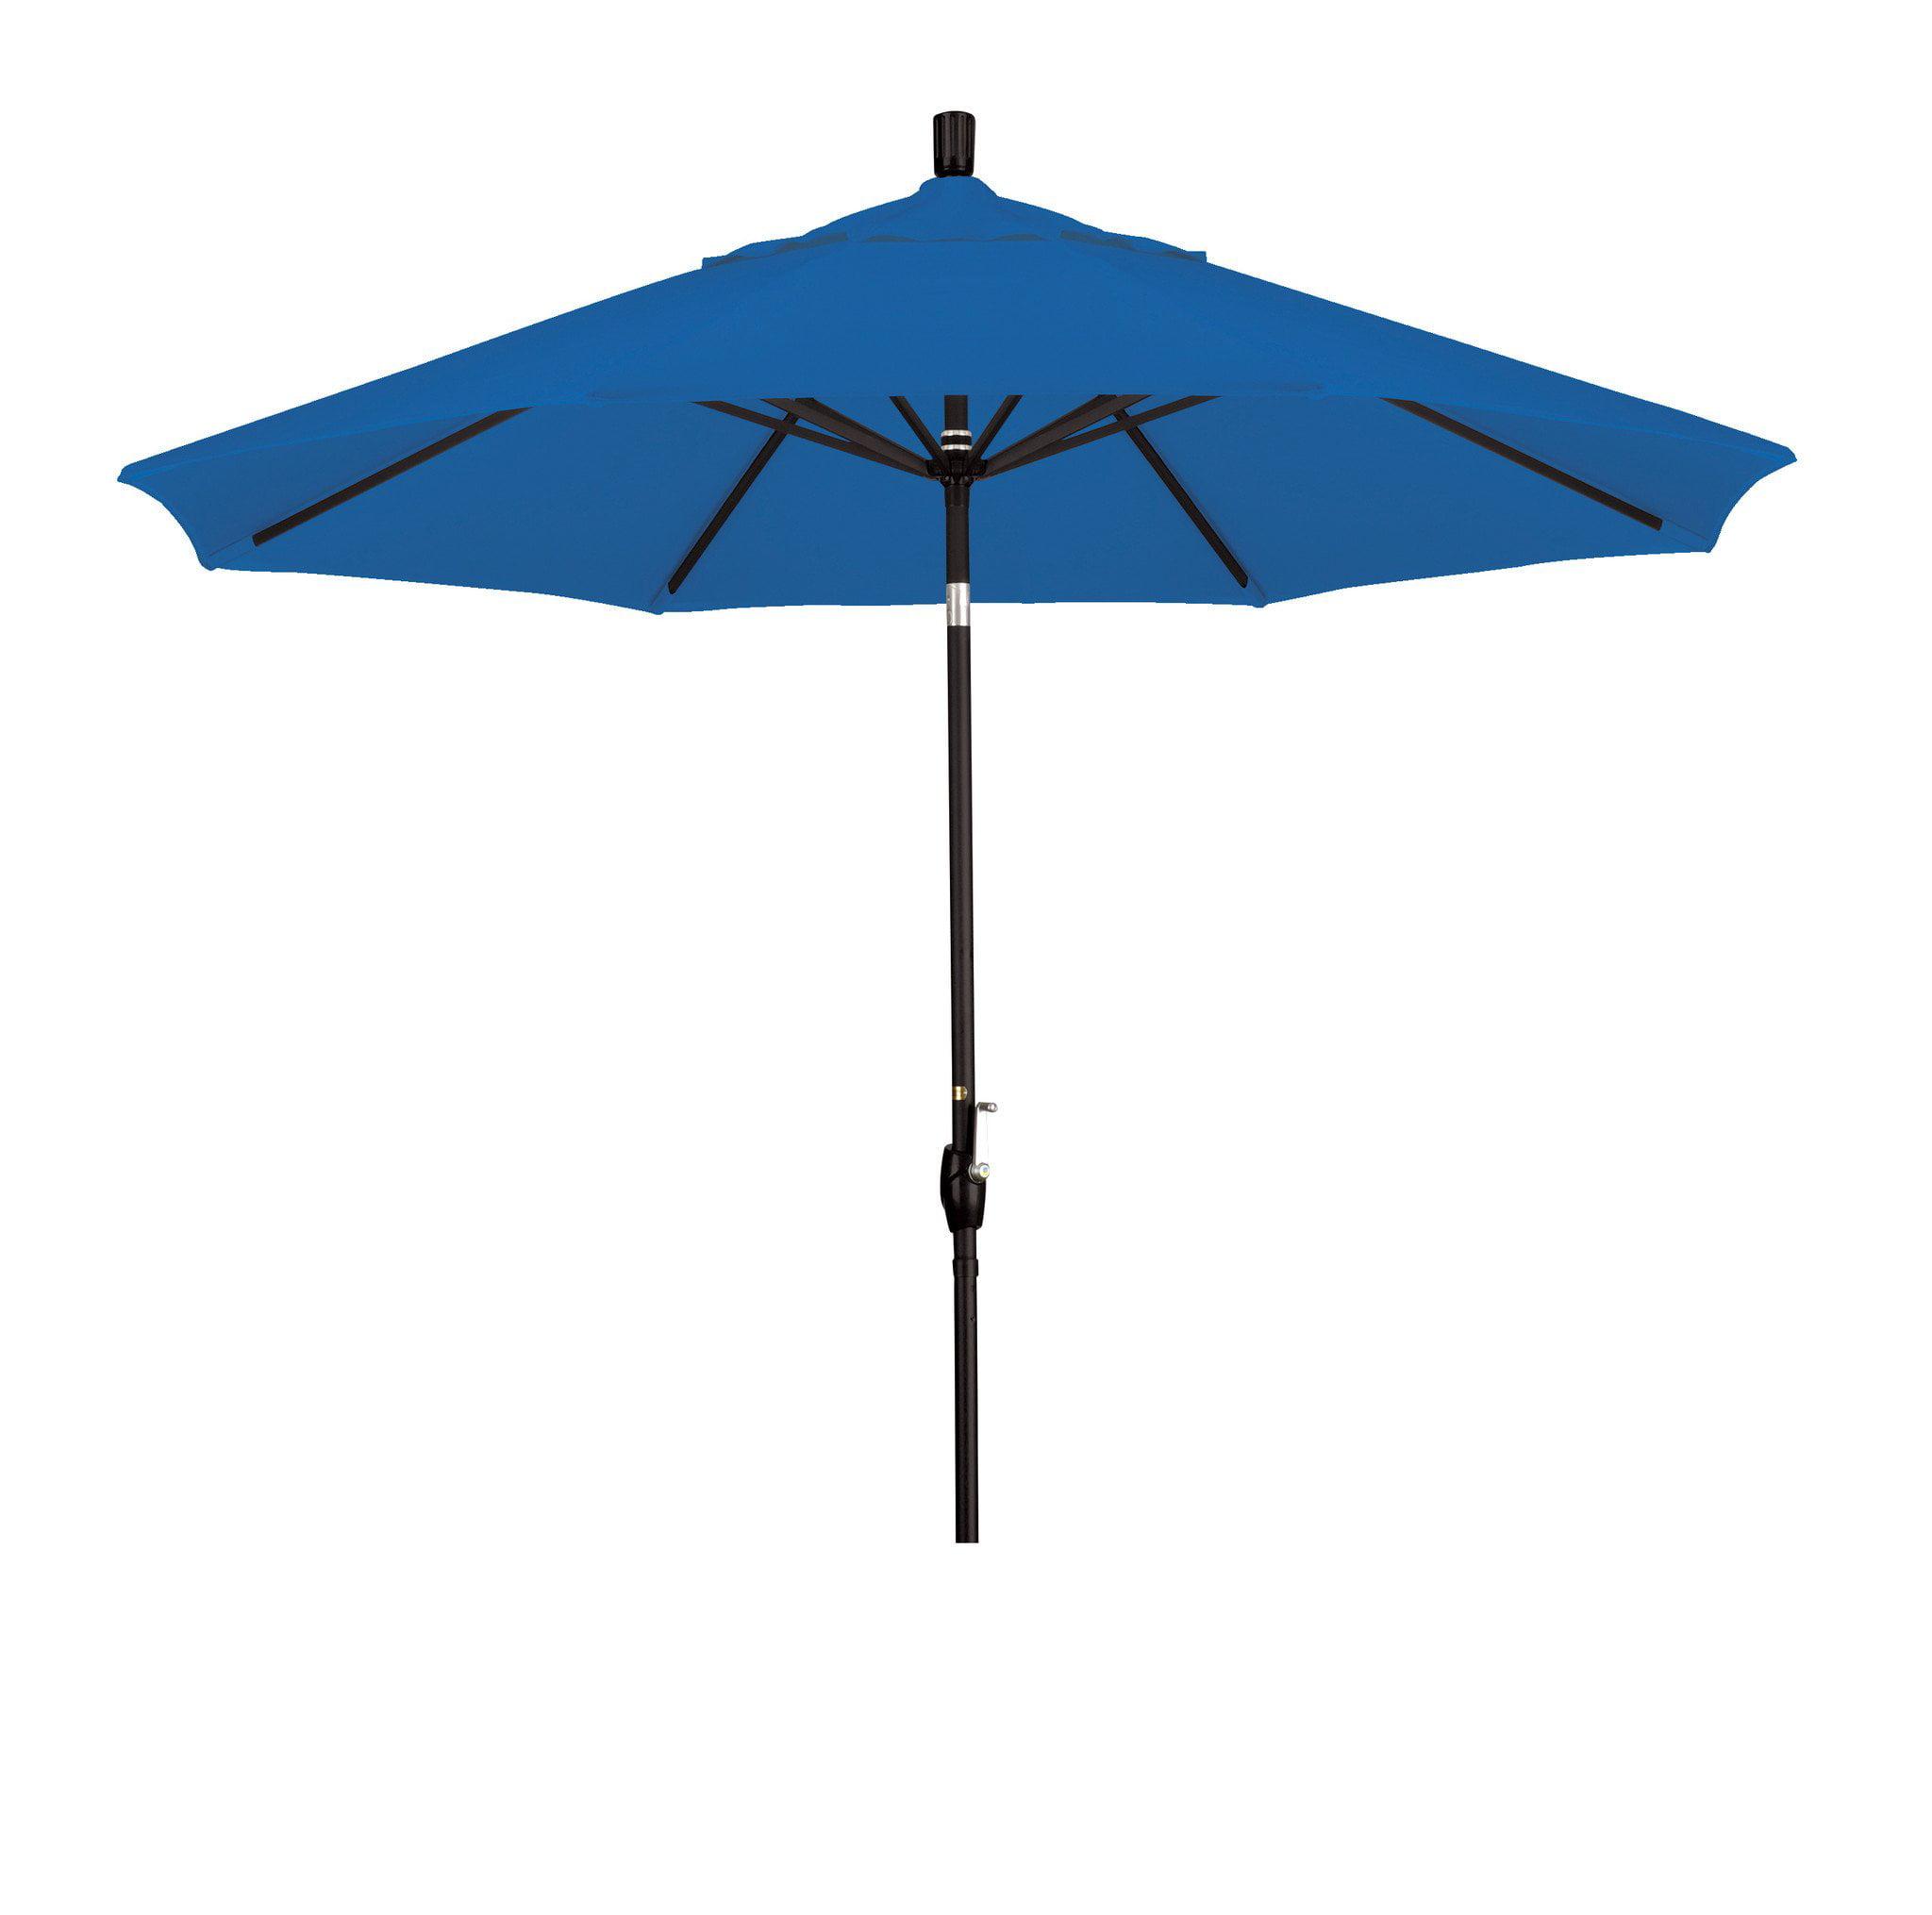 Eclipse Collection 9 Aluminum Market Umbrella Push Tilt - M Black/Pacifica/Pacific Blue